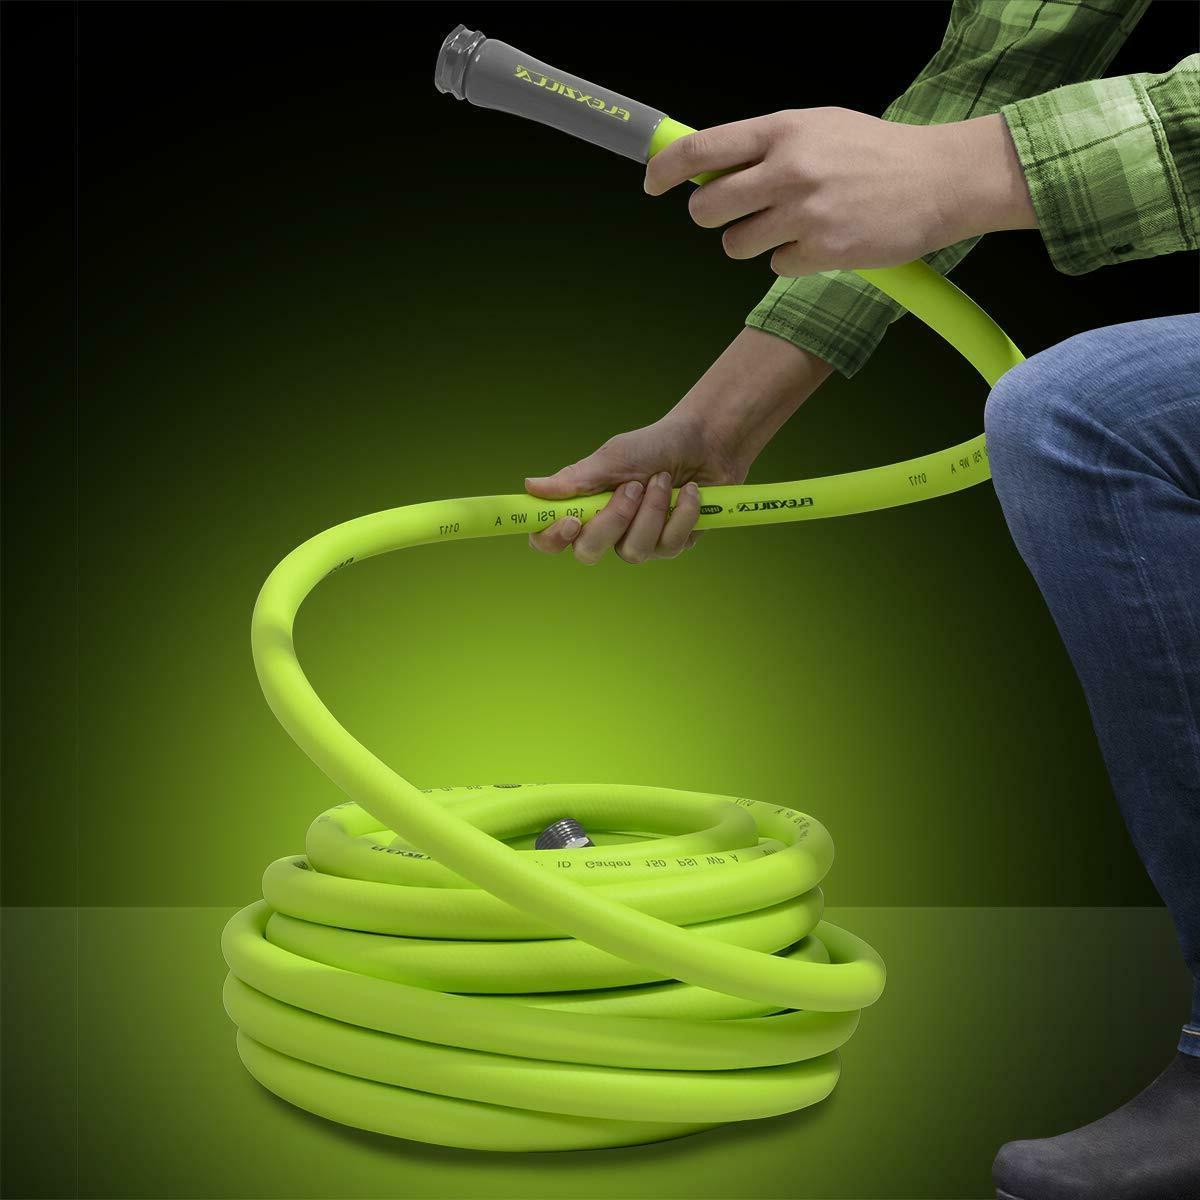 garden hose heavyduty lightweight drinking water safe